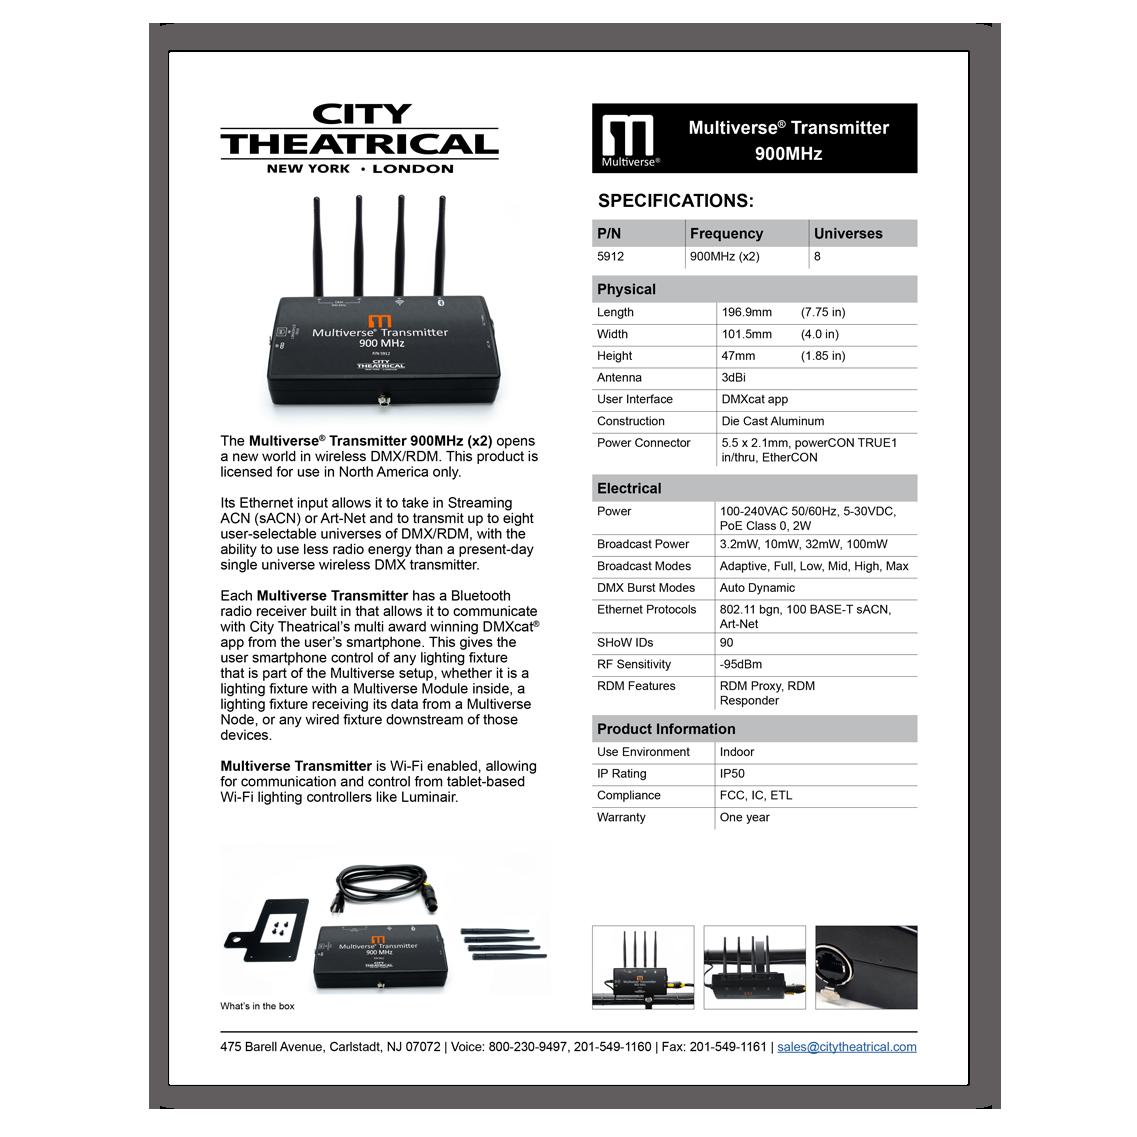 Multiverse Transmitter 900MHz (P/N 5912)